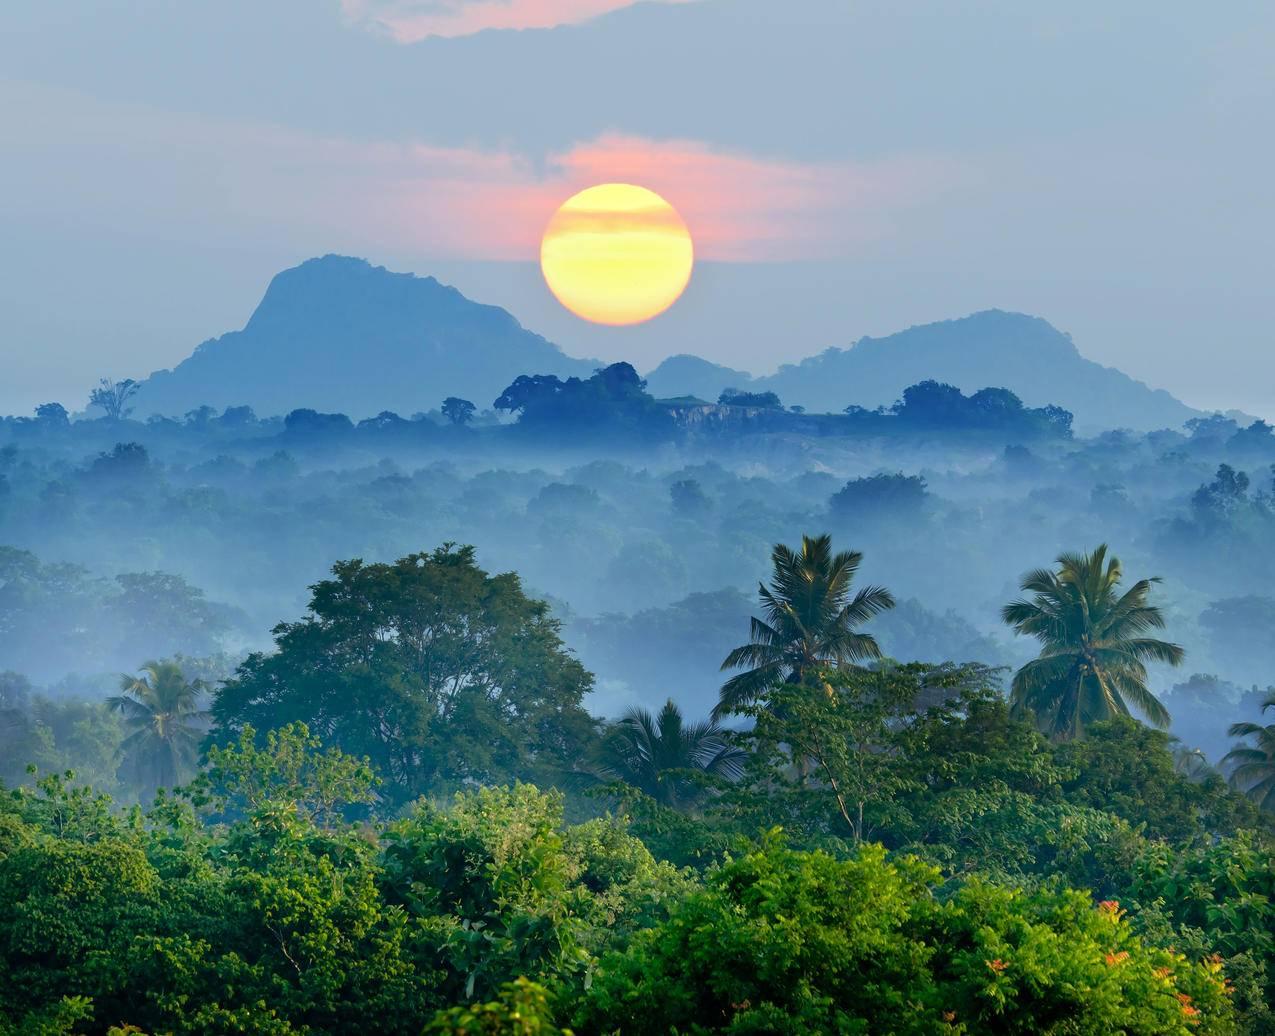 热带,森林,雾,美丽的日出,4K风景壁纸